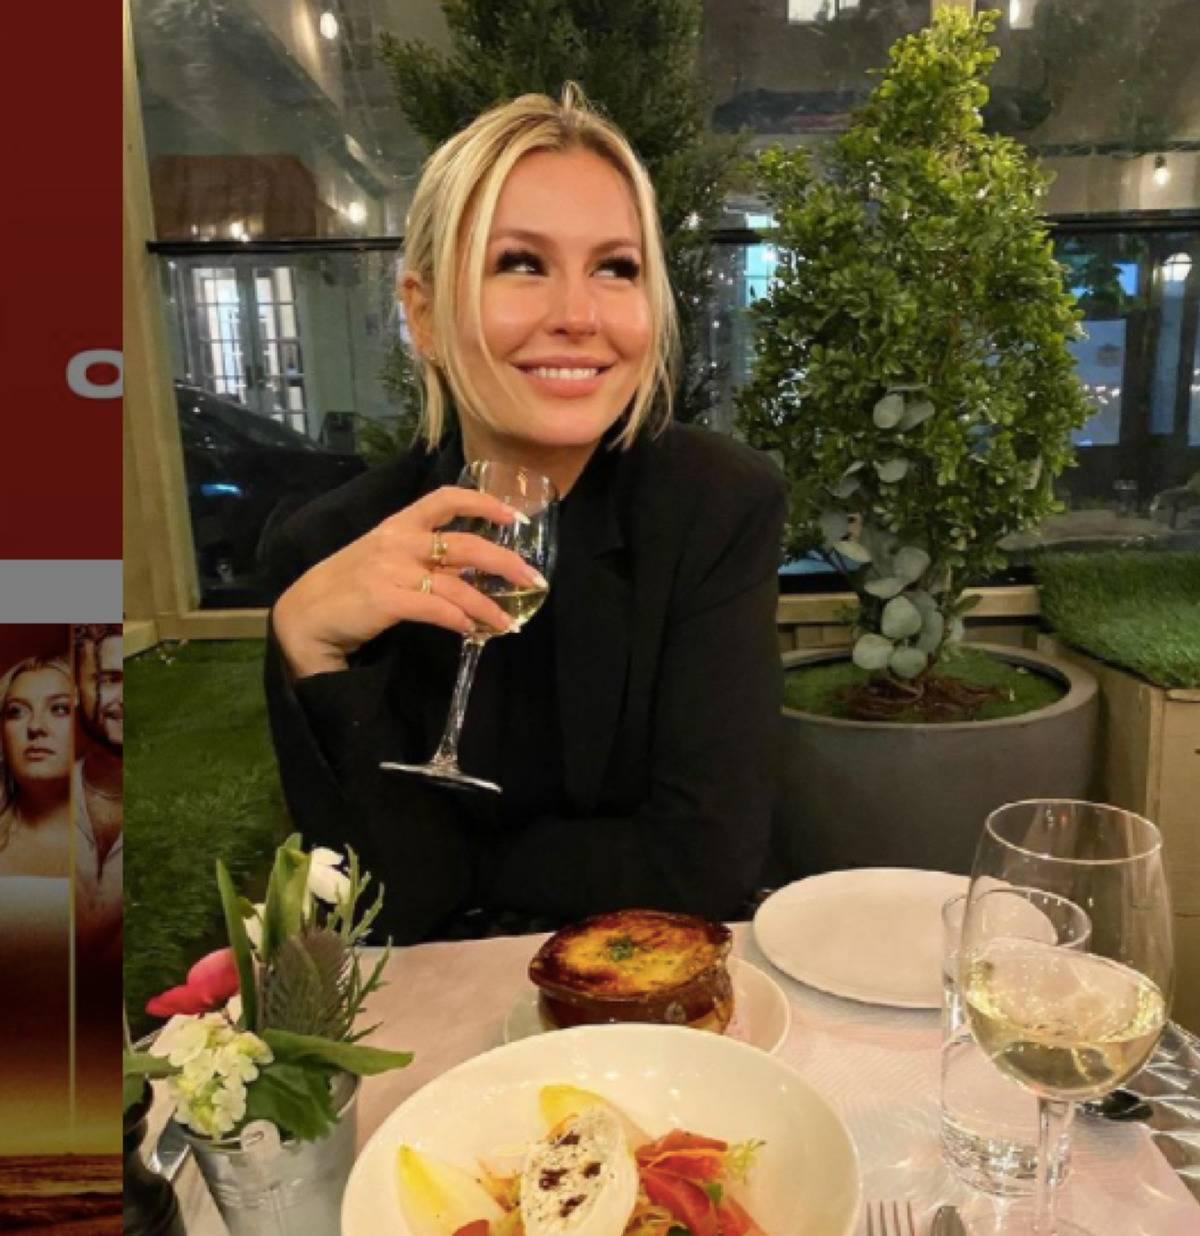 Serena Kerrigan smiling at a restaurant